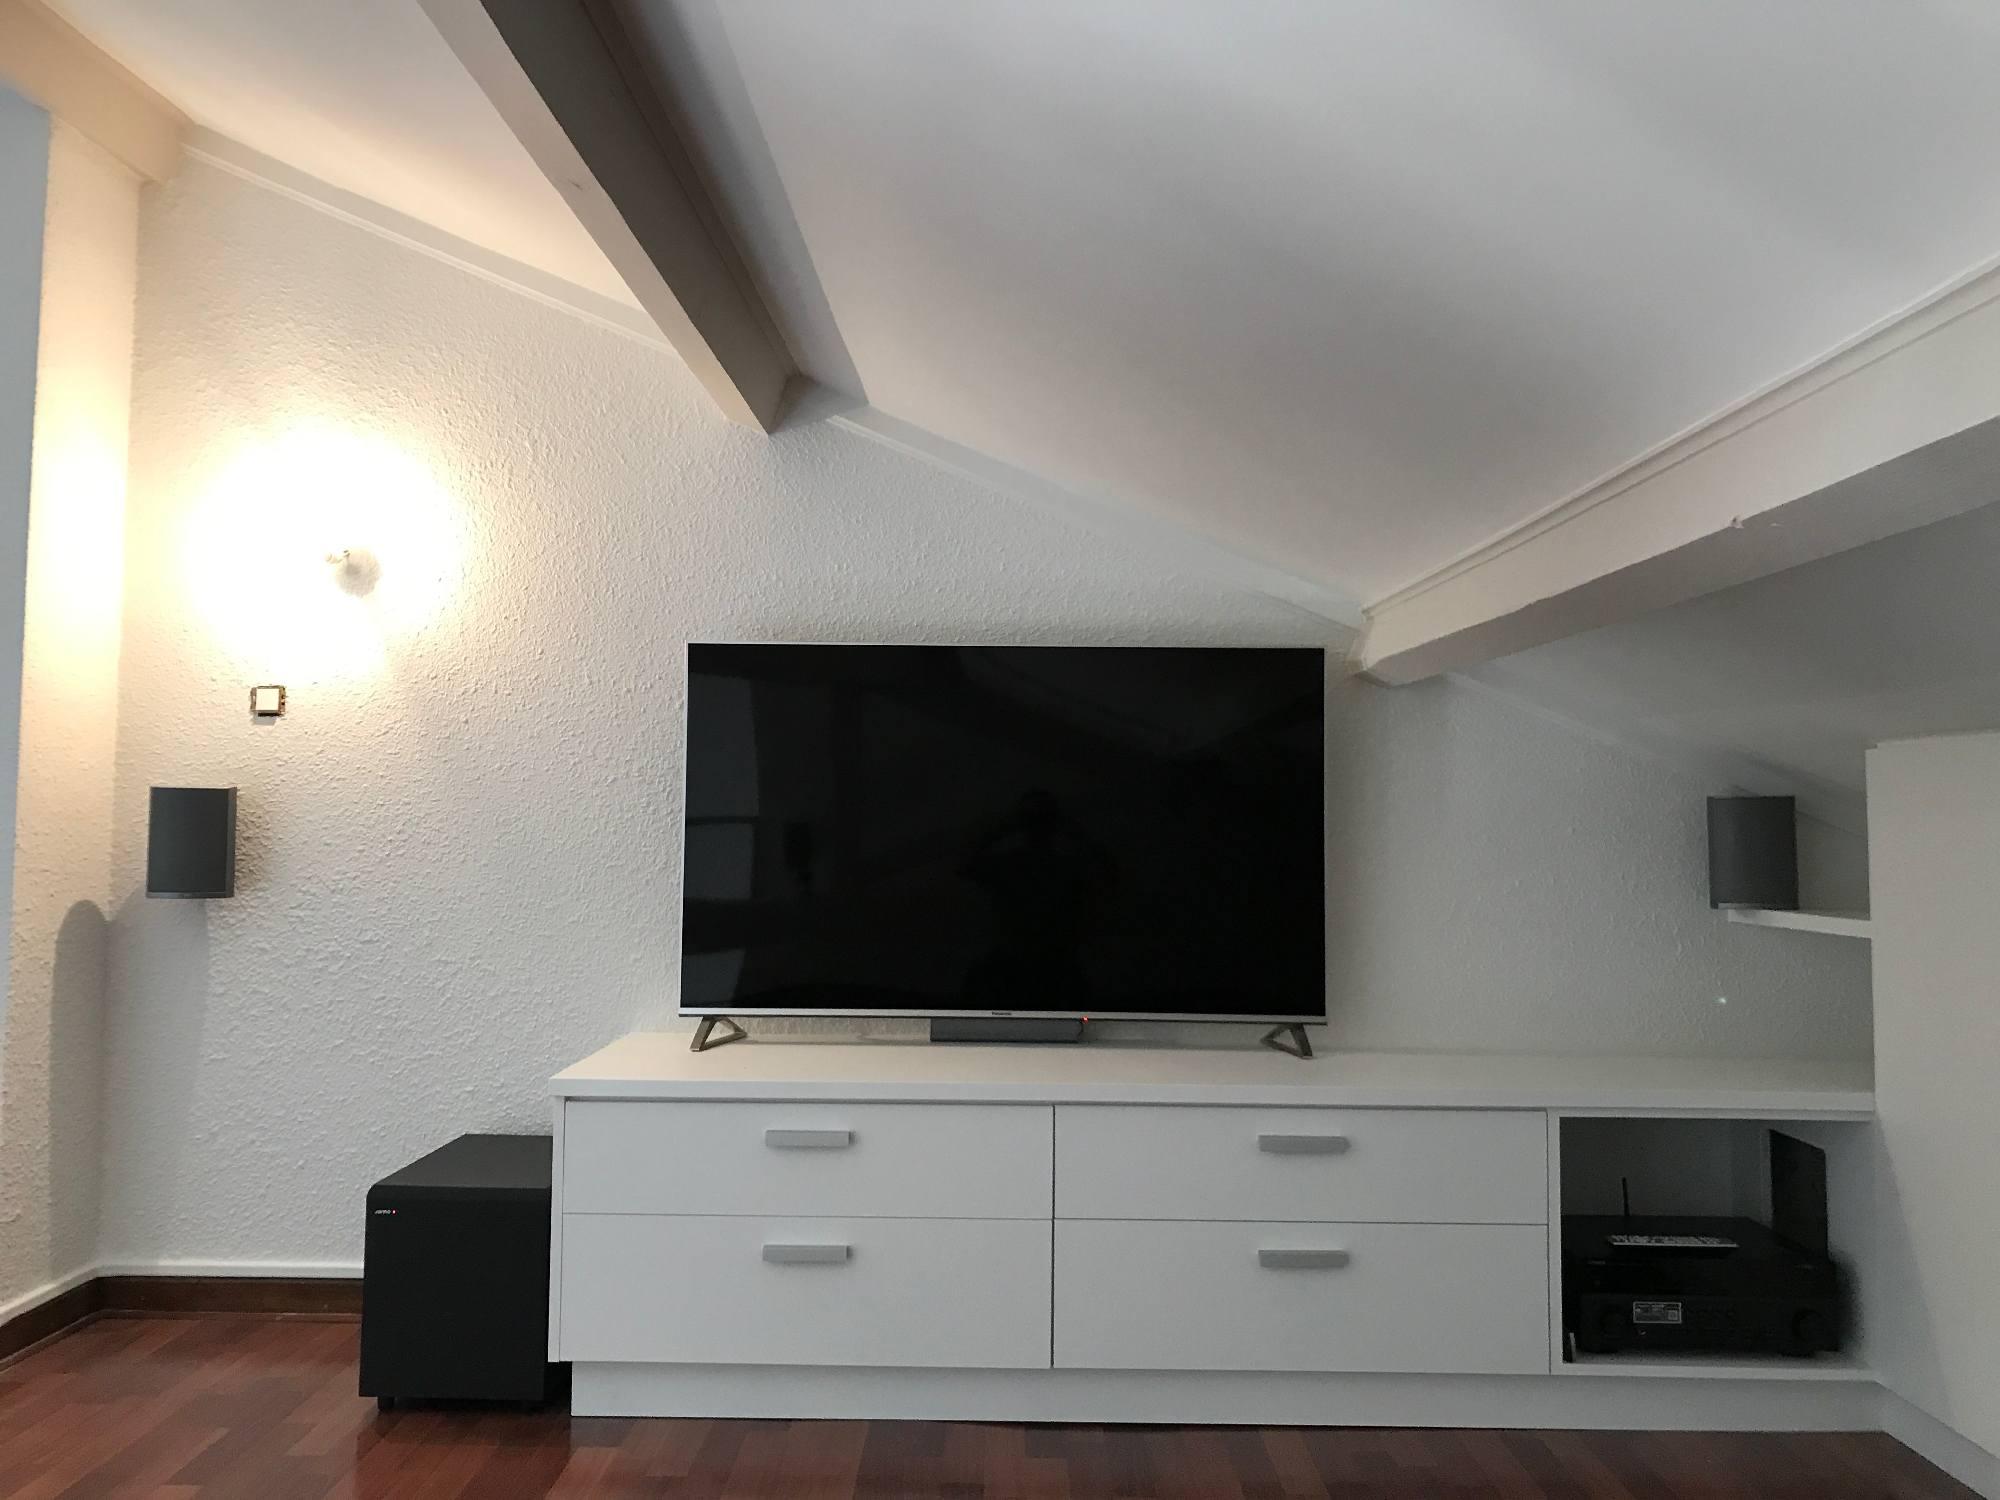 Ecran TV de grande taille et hifi dans une pièce en combles aménagées à Gleizé 69400